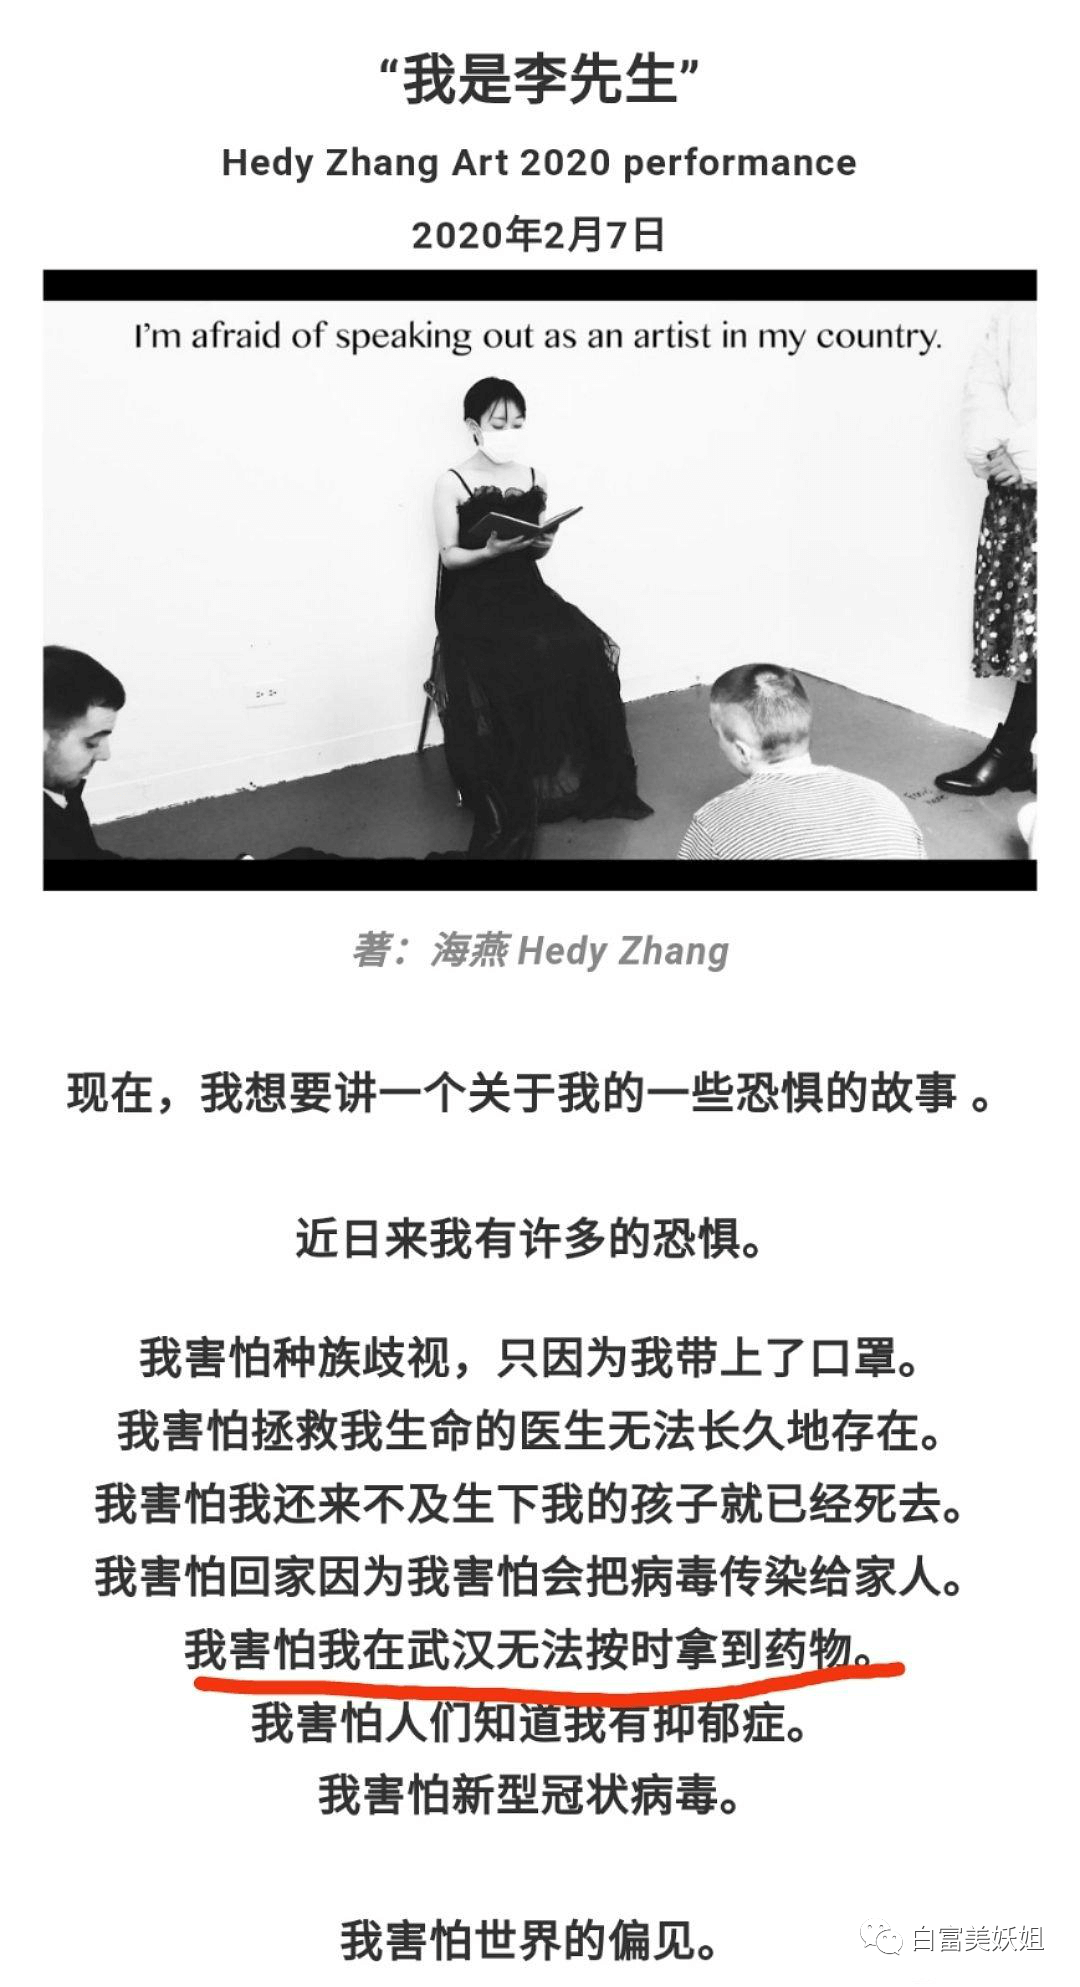 又一个留学公主出现了!公开辱骂中国人贱骨头,背景不可说?